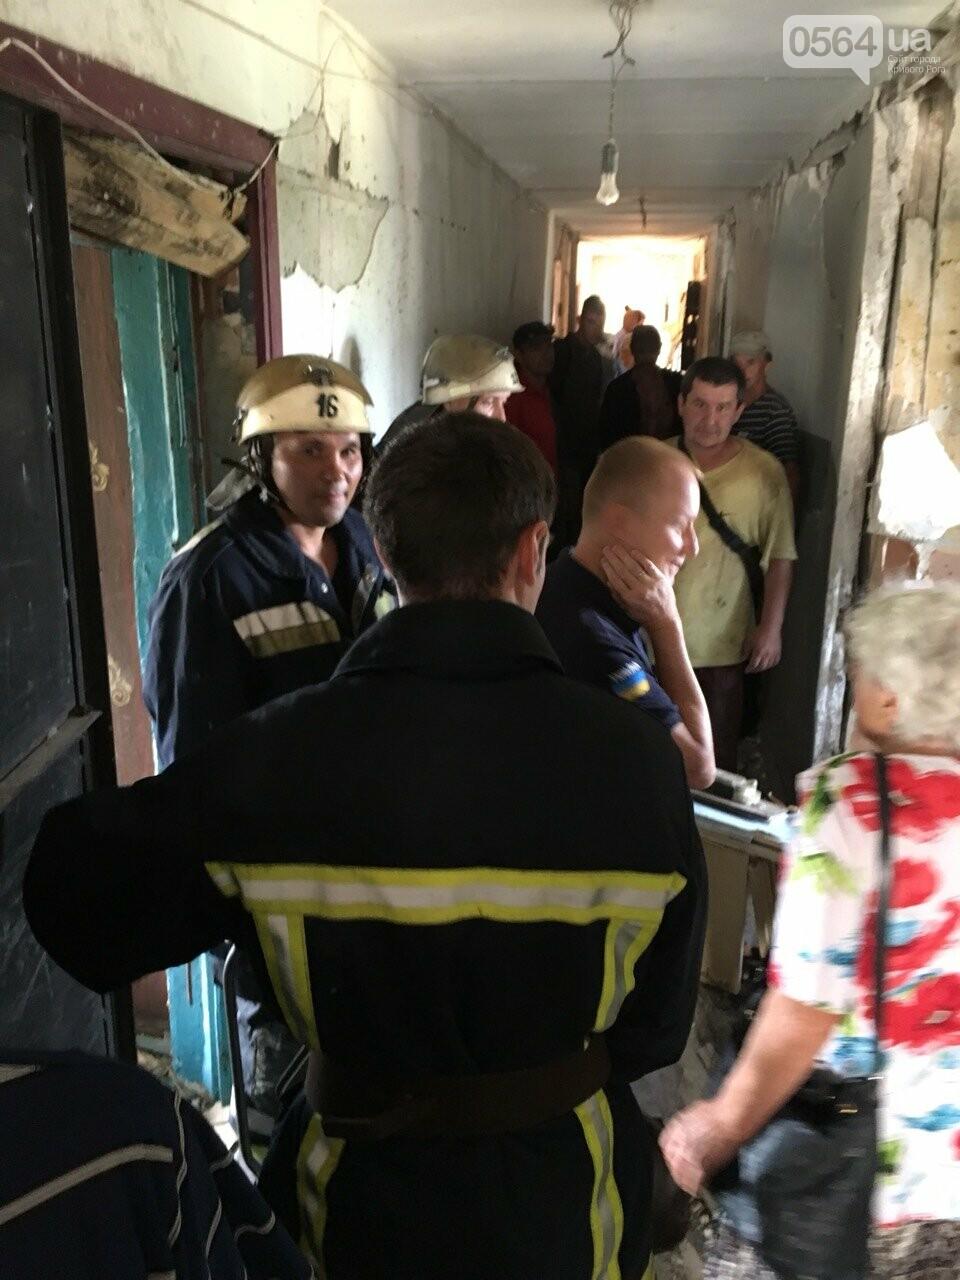 Криворожанам, пострадавшим от взрыва в малосемейке, выделили из городского бюджета 101 тысячу, - ФОТО, фото-3